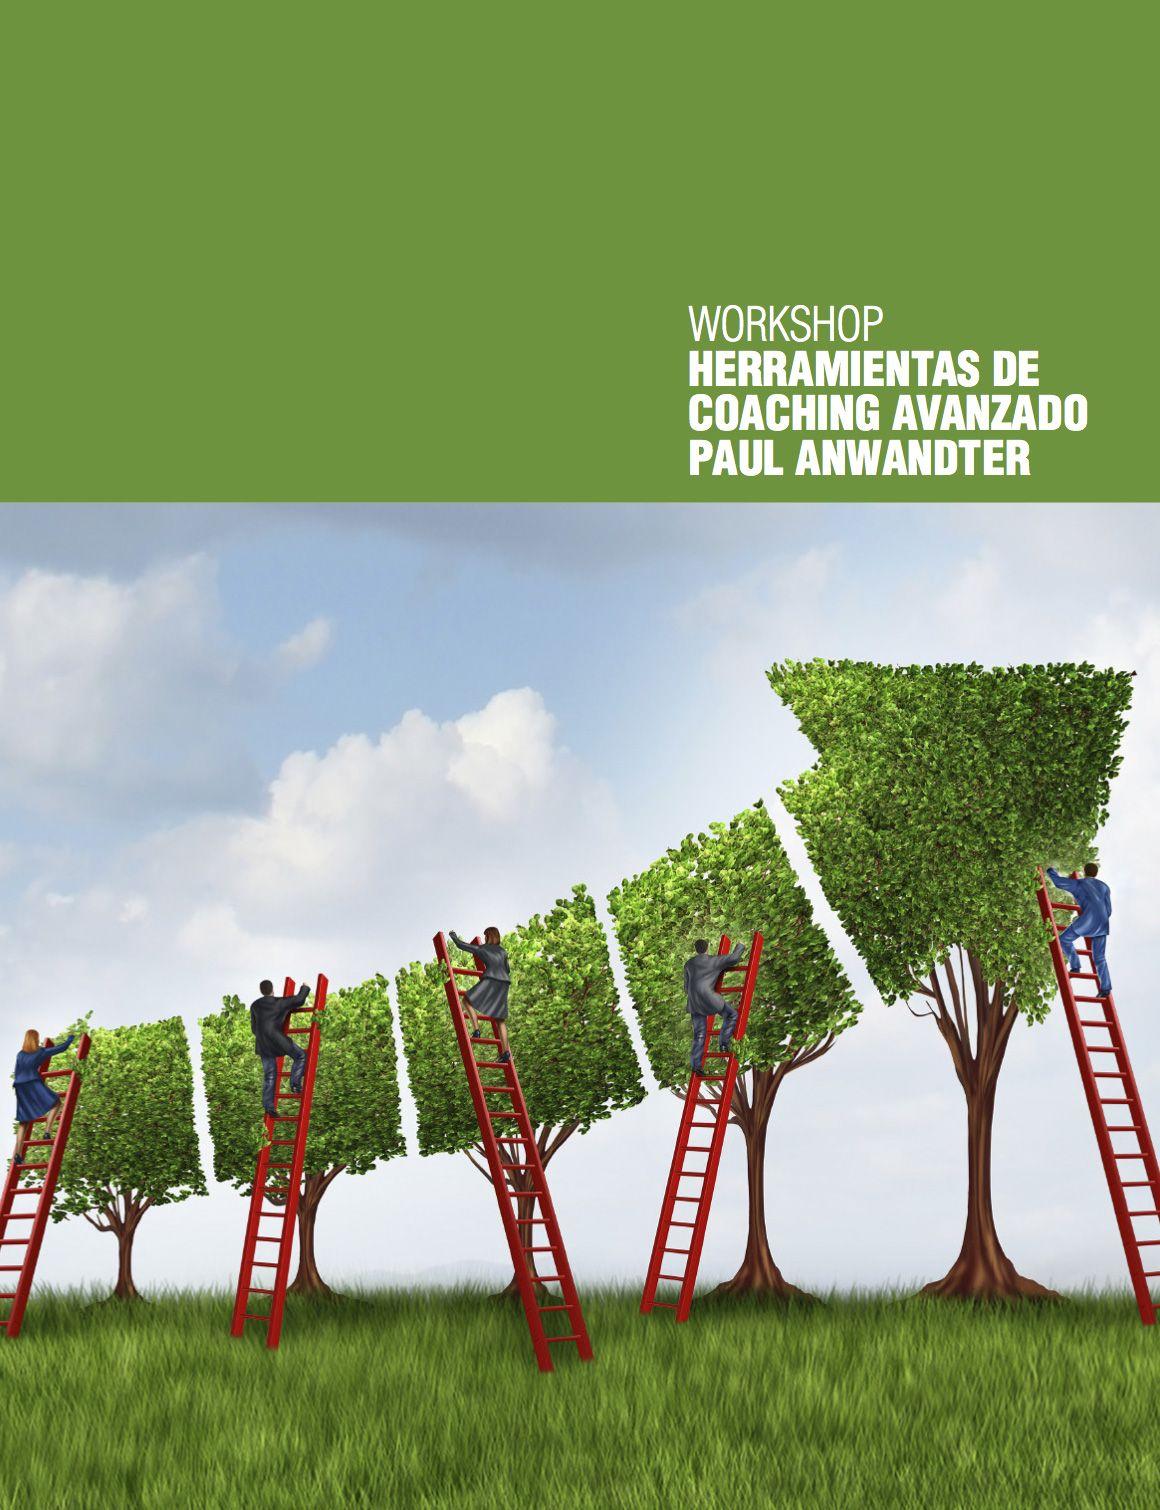 WORKSHOP HERRAMIENTAS DE COACHING AVANZADO